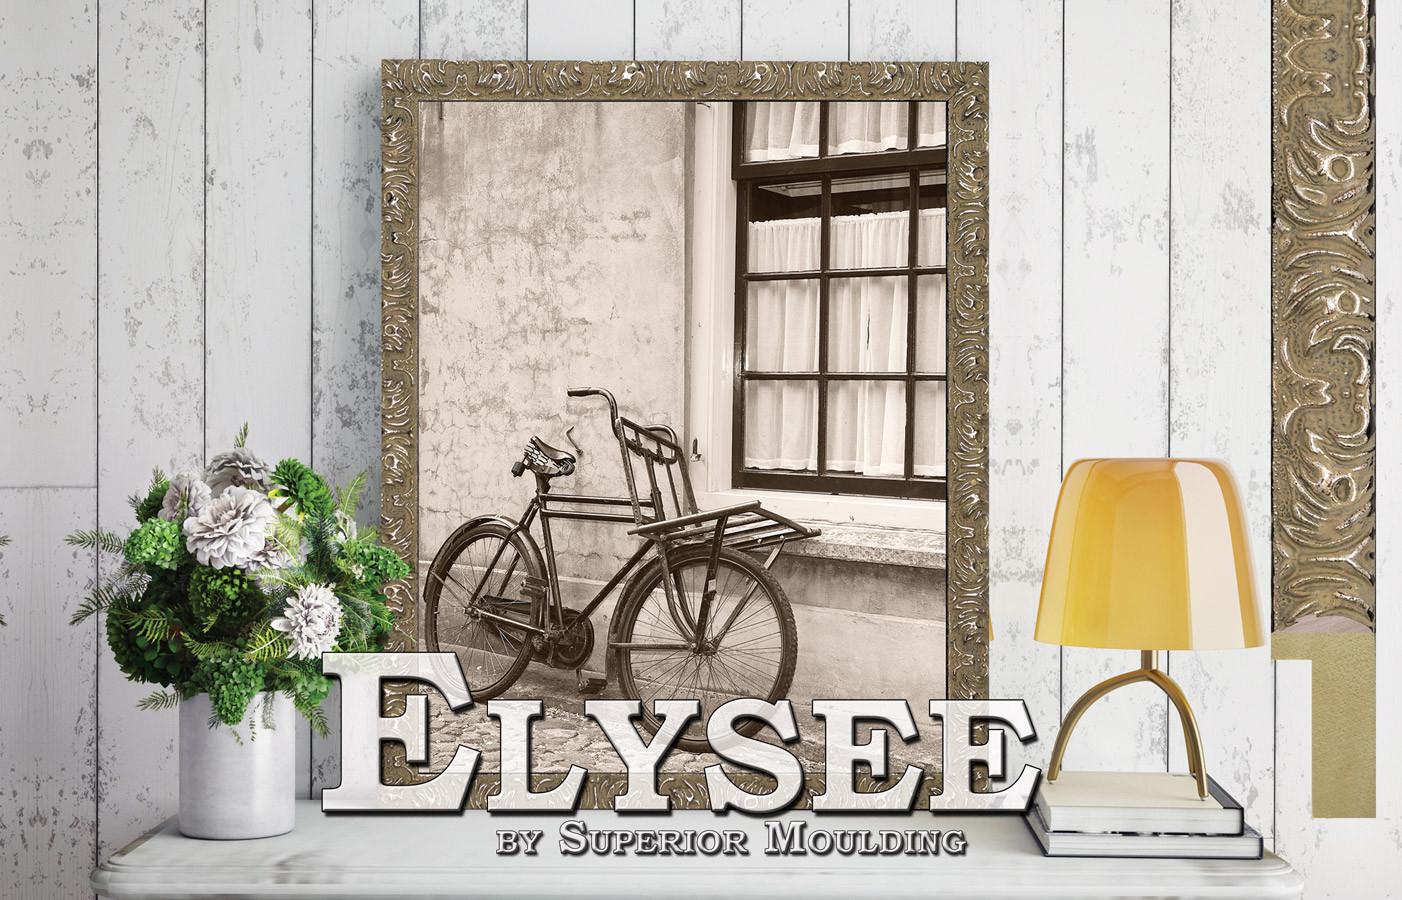 Elysee Moulding